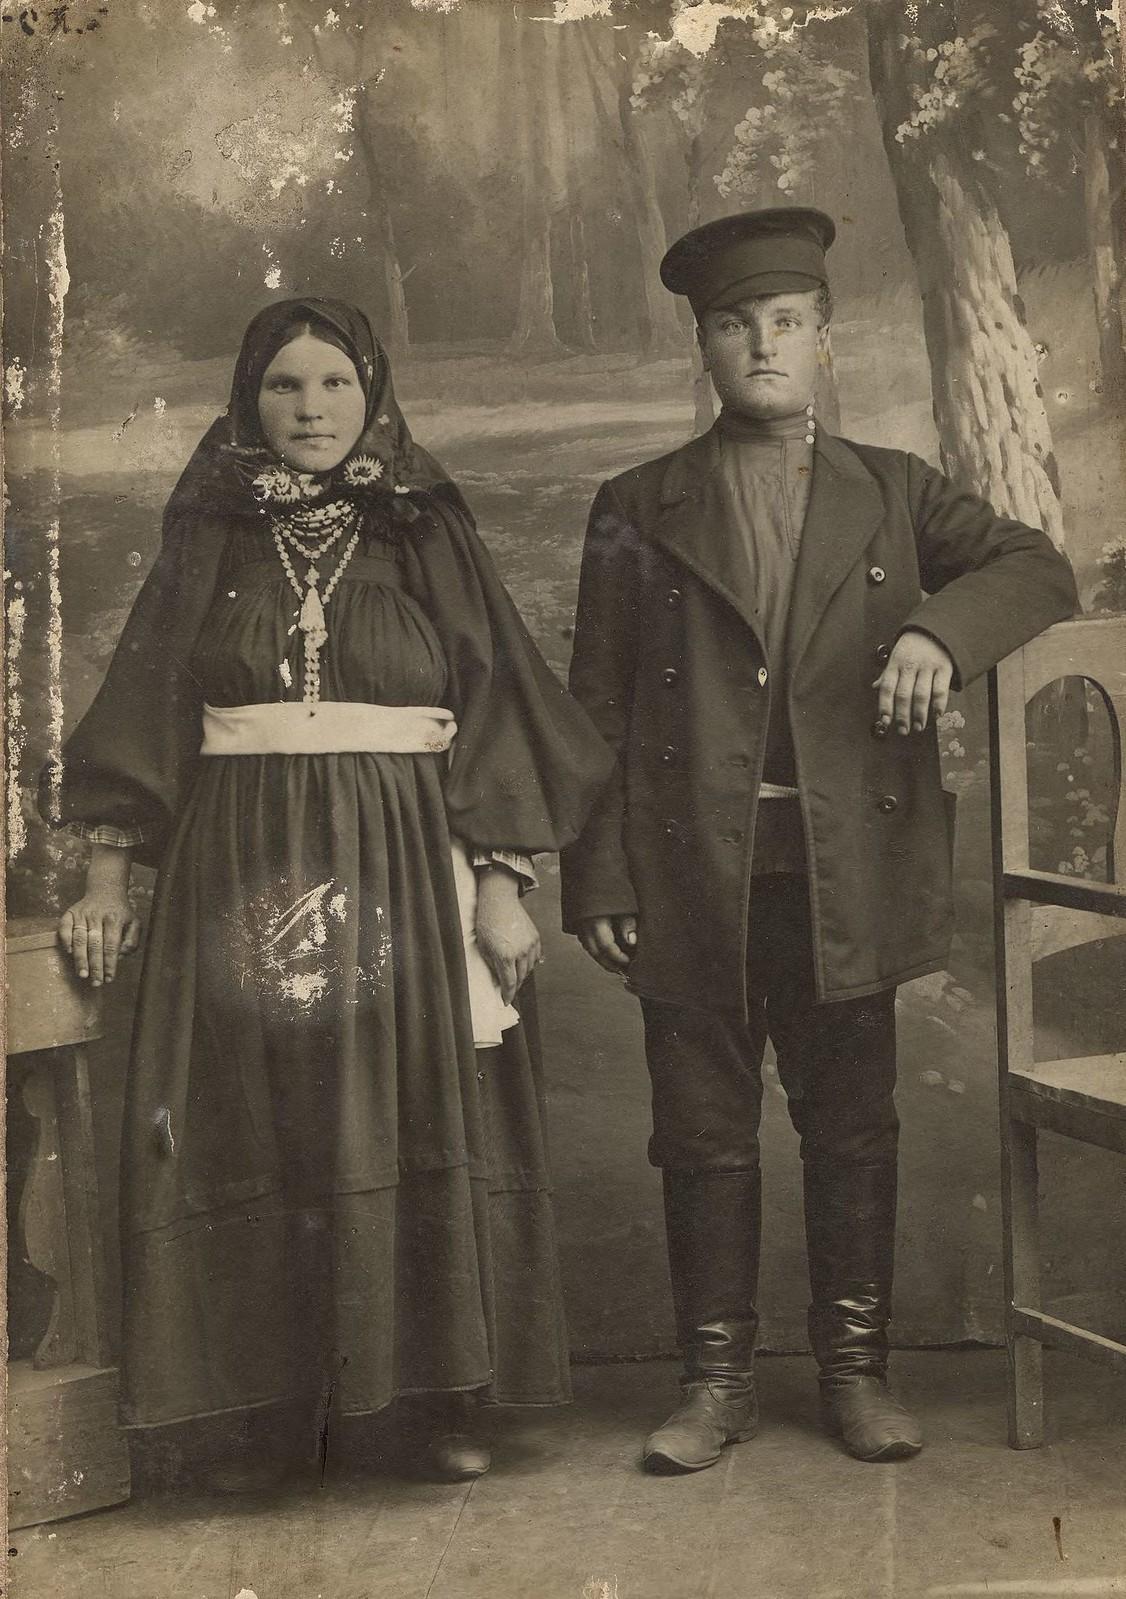 1910. Молодой супружеской четы из крестьян или небогатых мещан